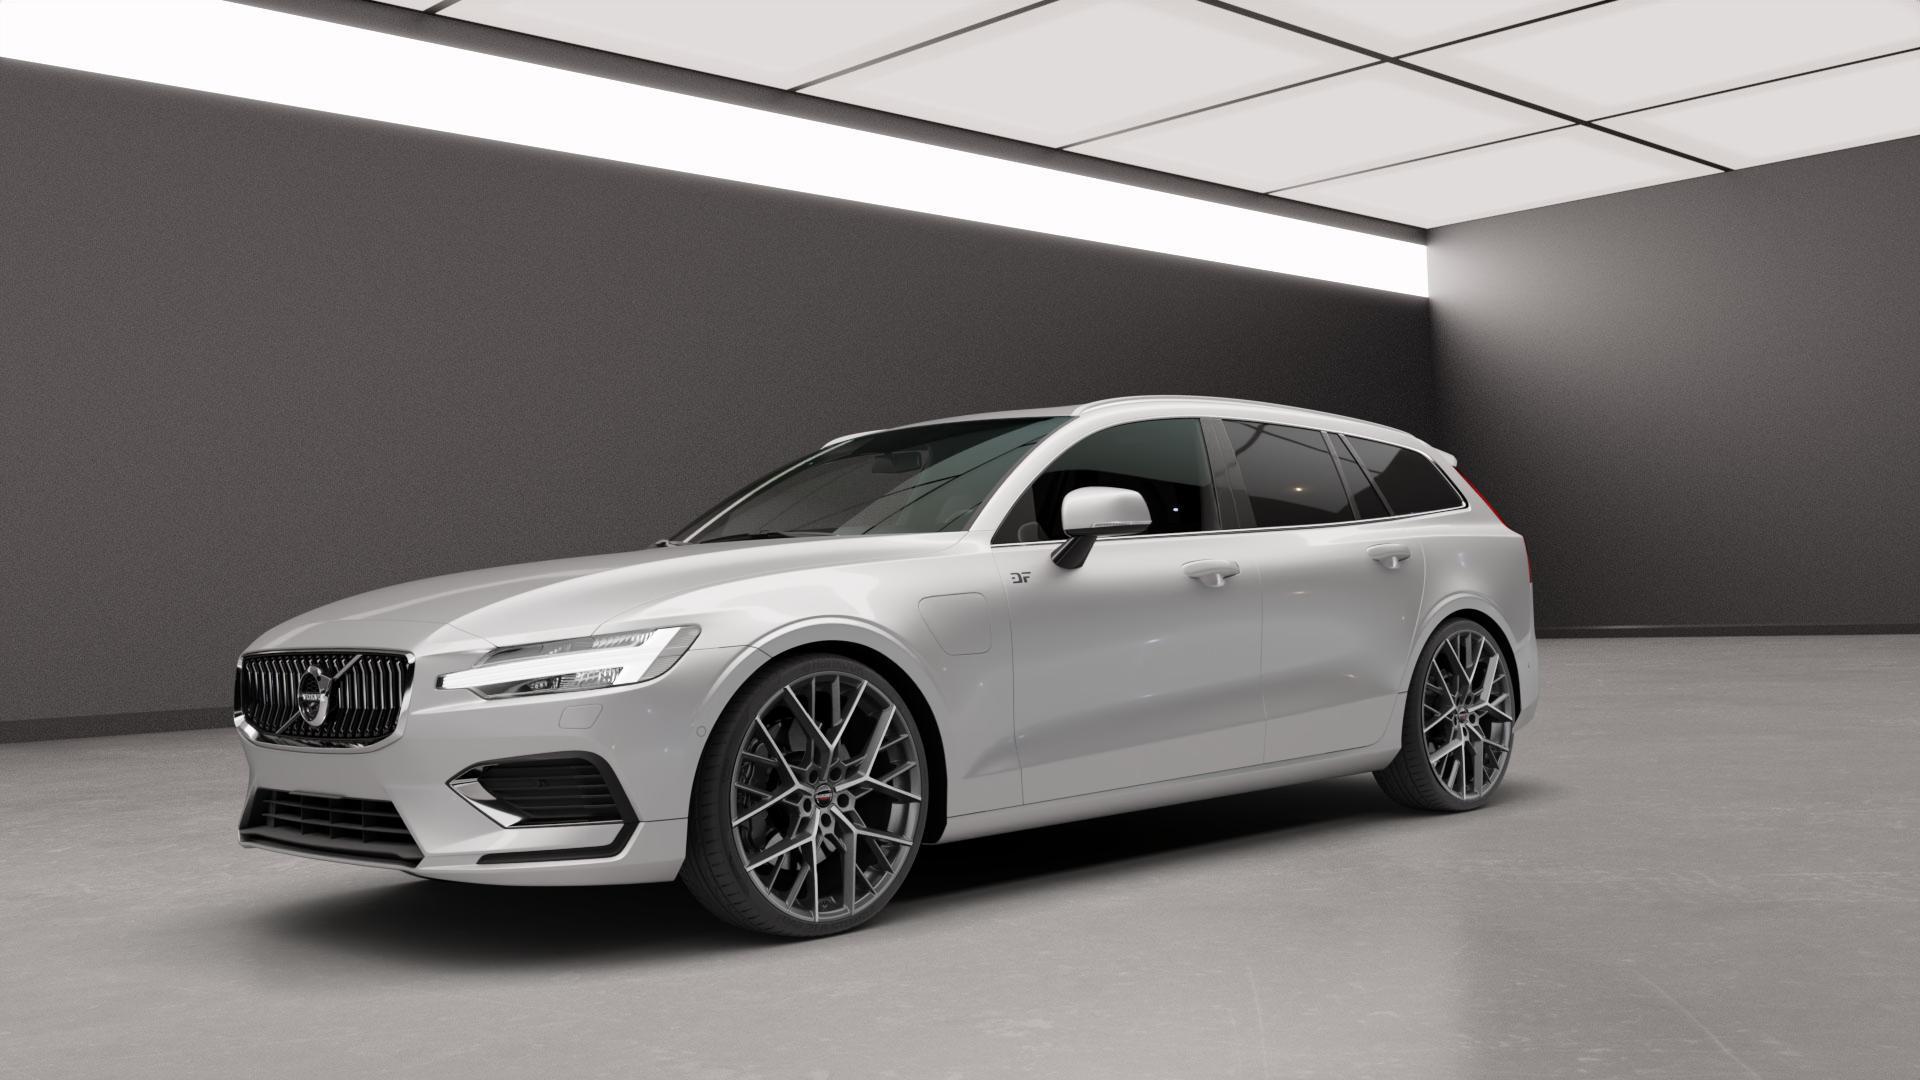 Borbet BY titan polished matt Felge mit Reifen grau in 21Zoll Alufelge auf silbernem Volvo V60 Typ Z ⬇️ mit 15mm Tieferlegung ⬇️ Neutral_mid_max5300mm Frontansicht_1